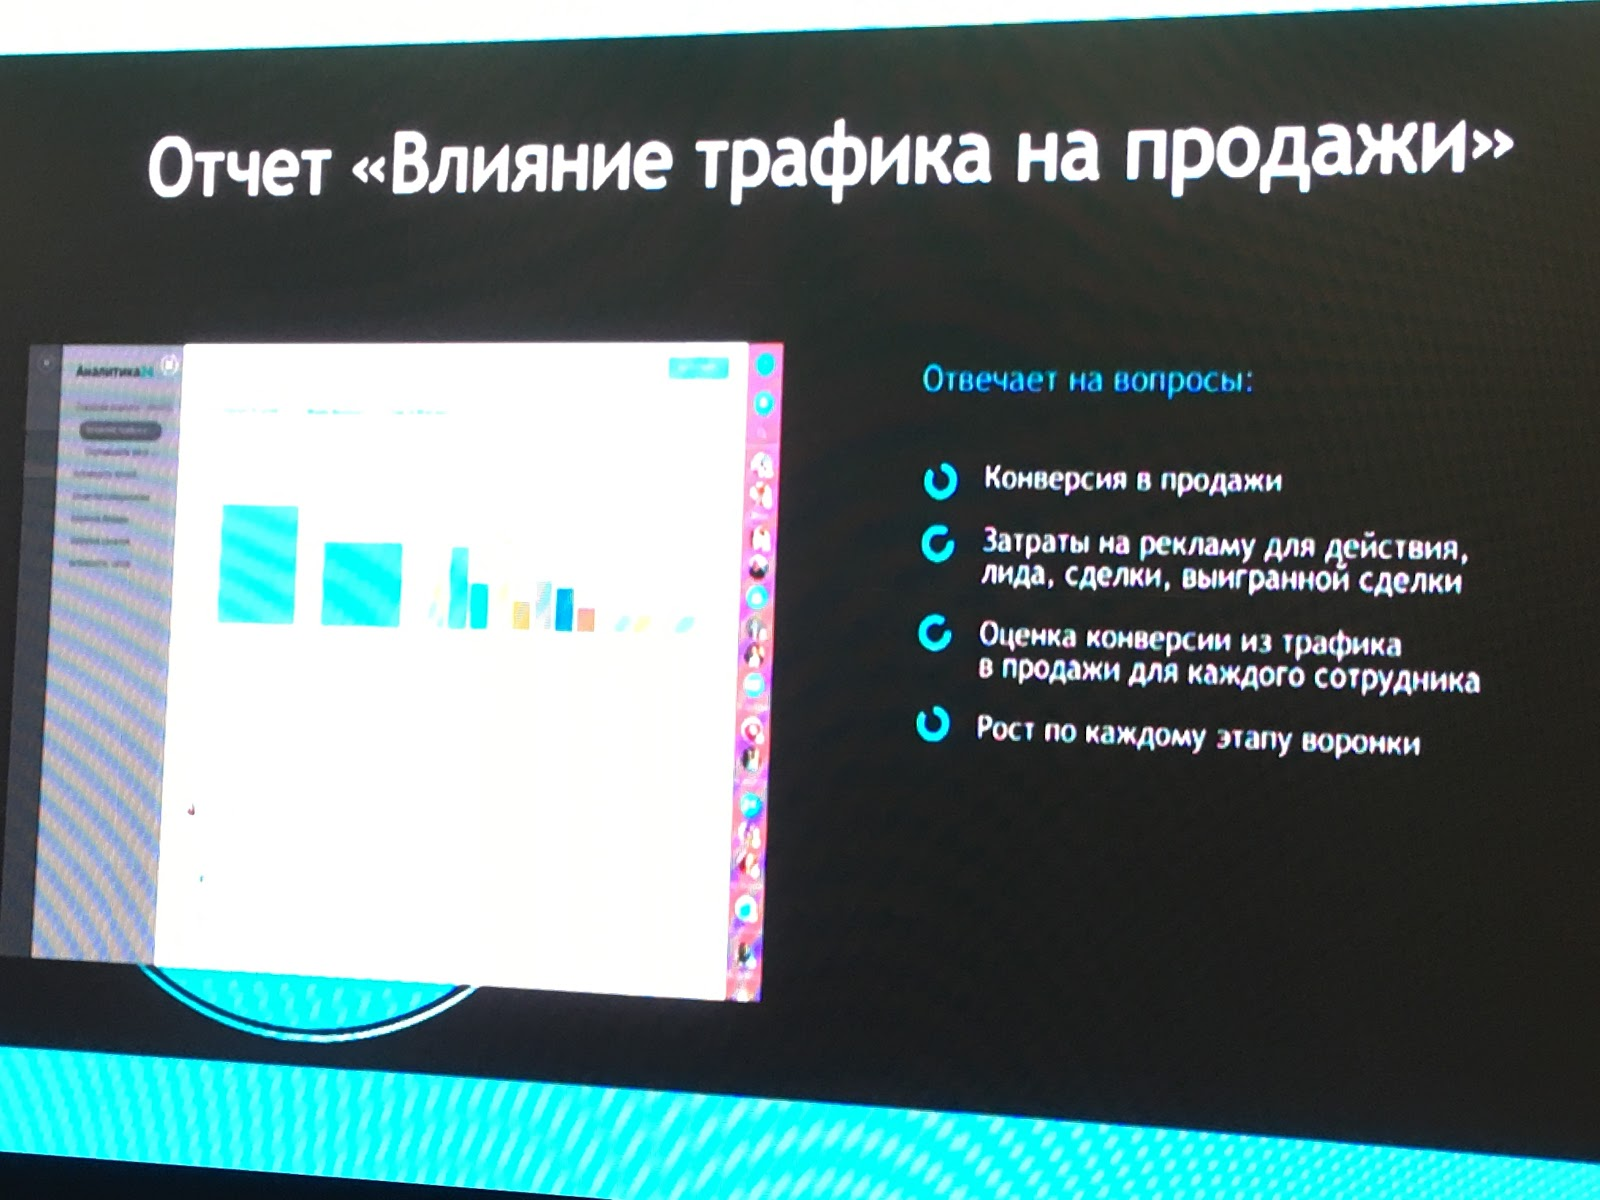 Отчет Влияние трафика на продажи